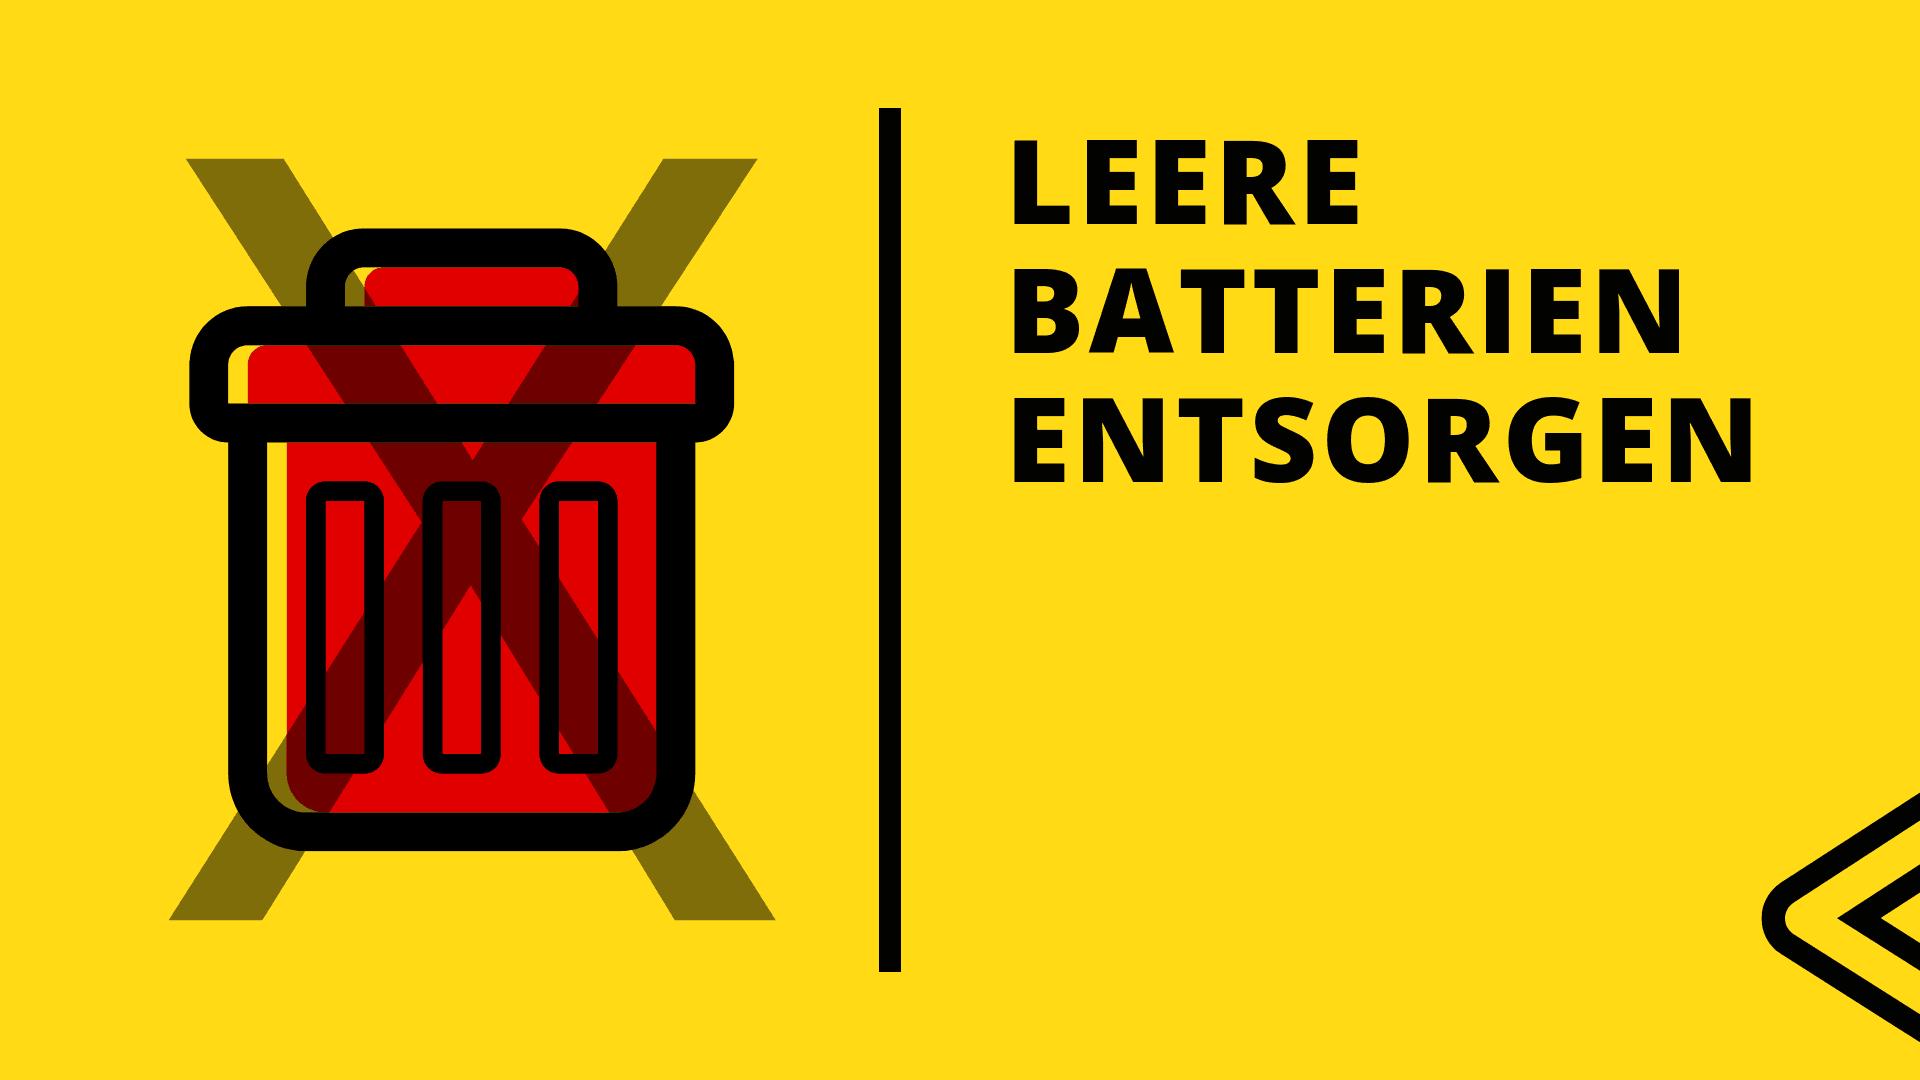 Leere Batterien entsorgen